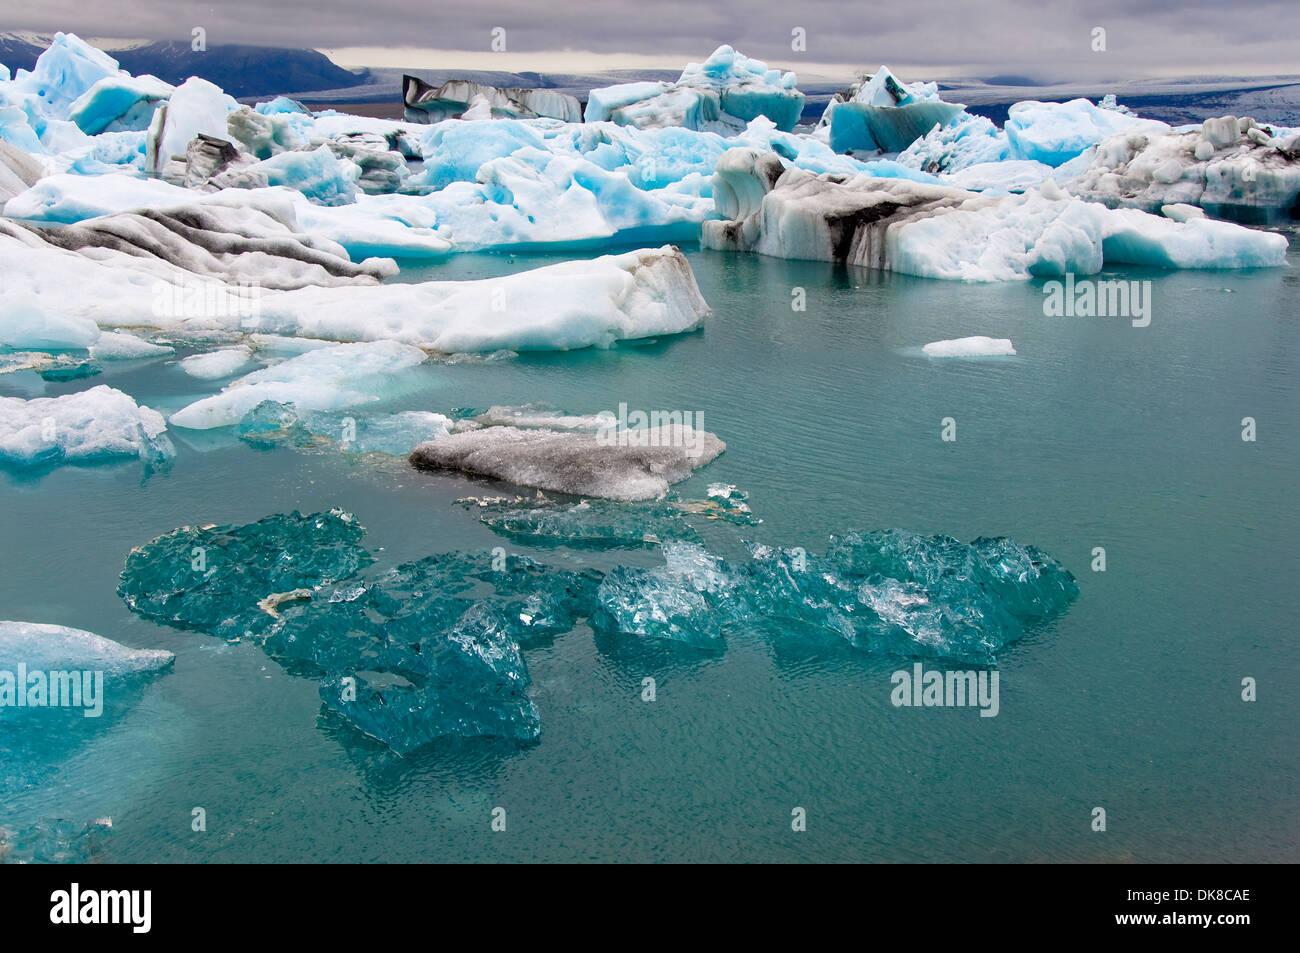 Icebergs, Jokulsarlon Lagoon, Skaftafell, Iceland - Stock Image